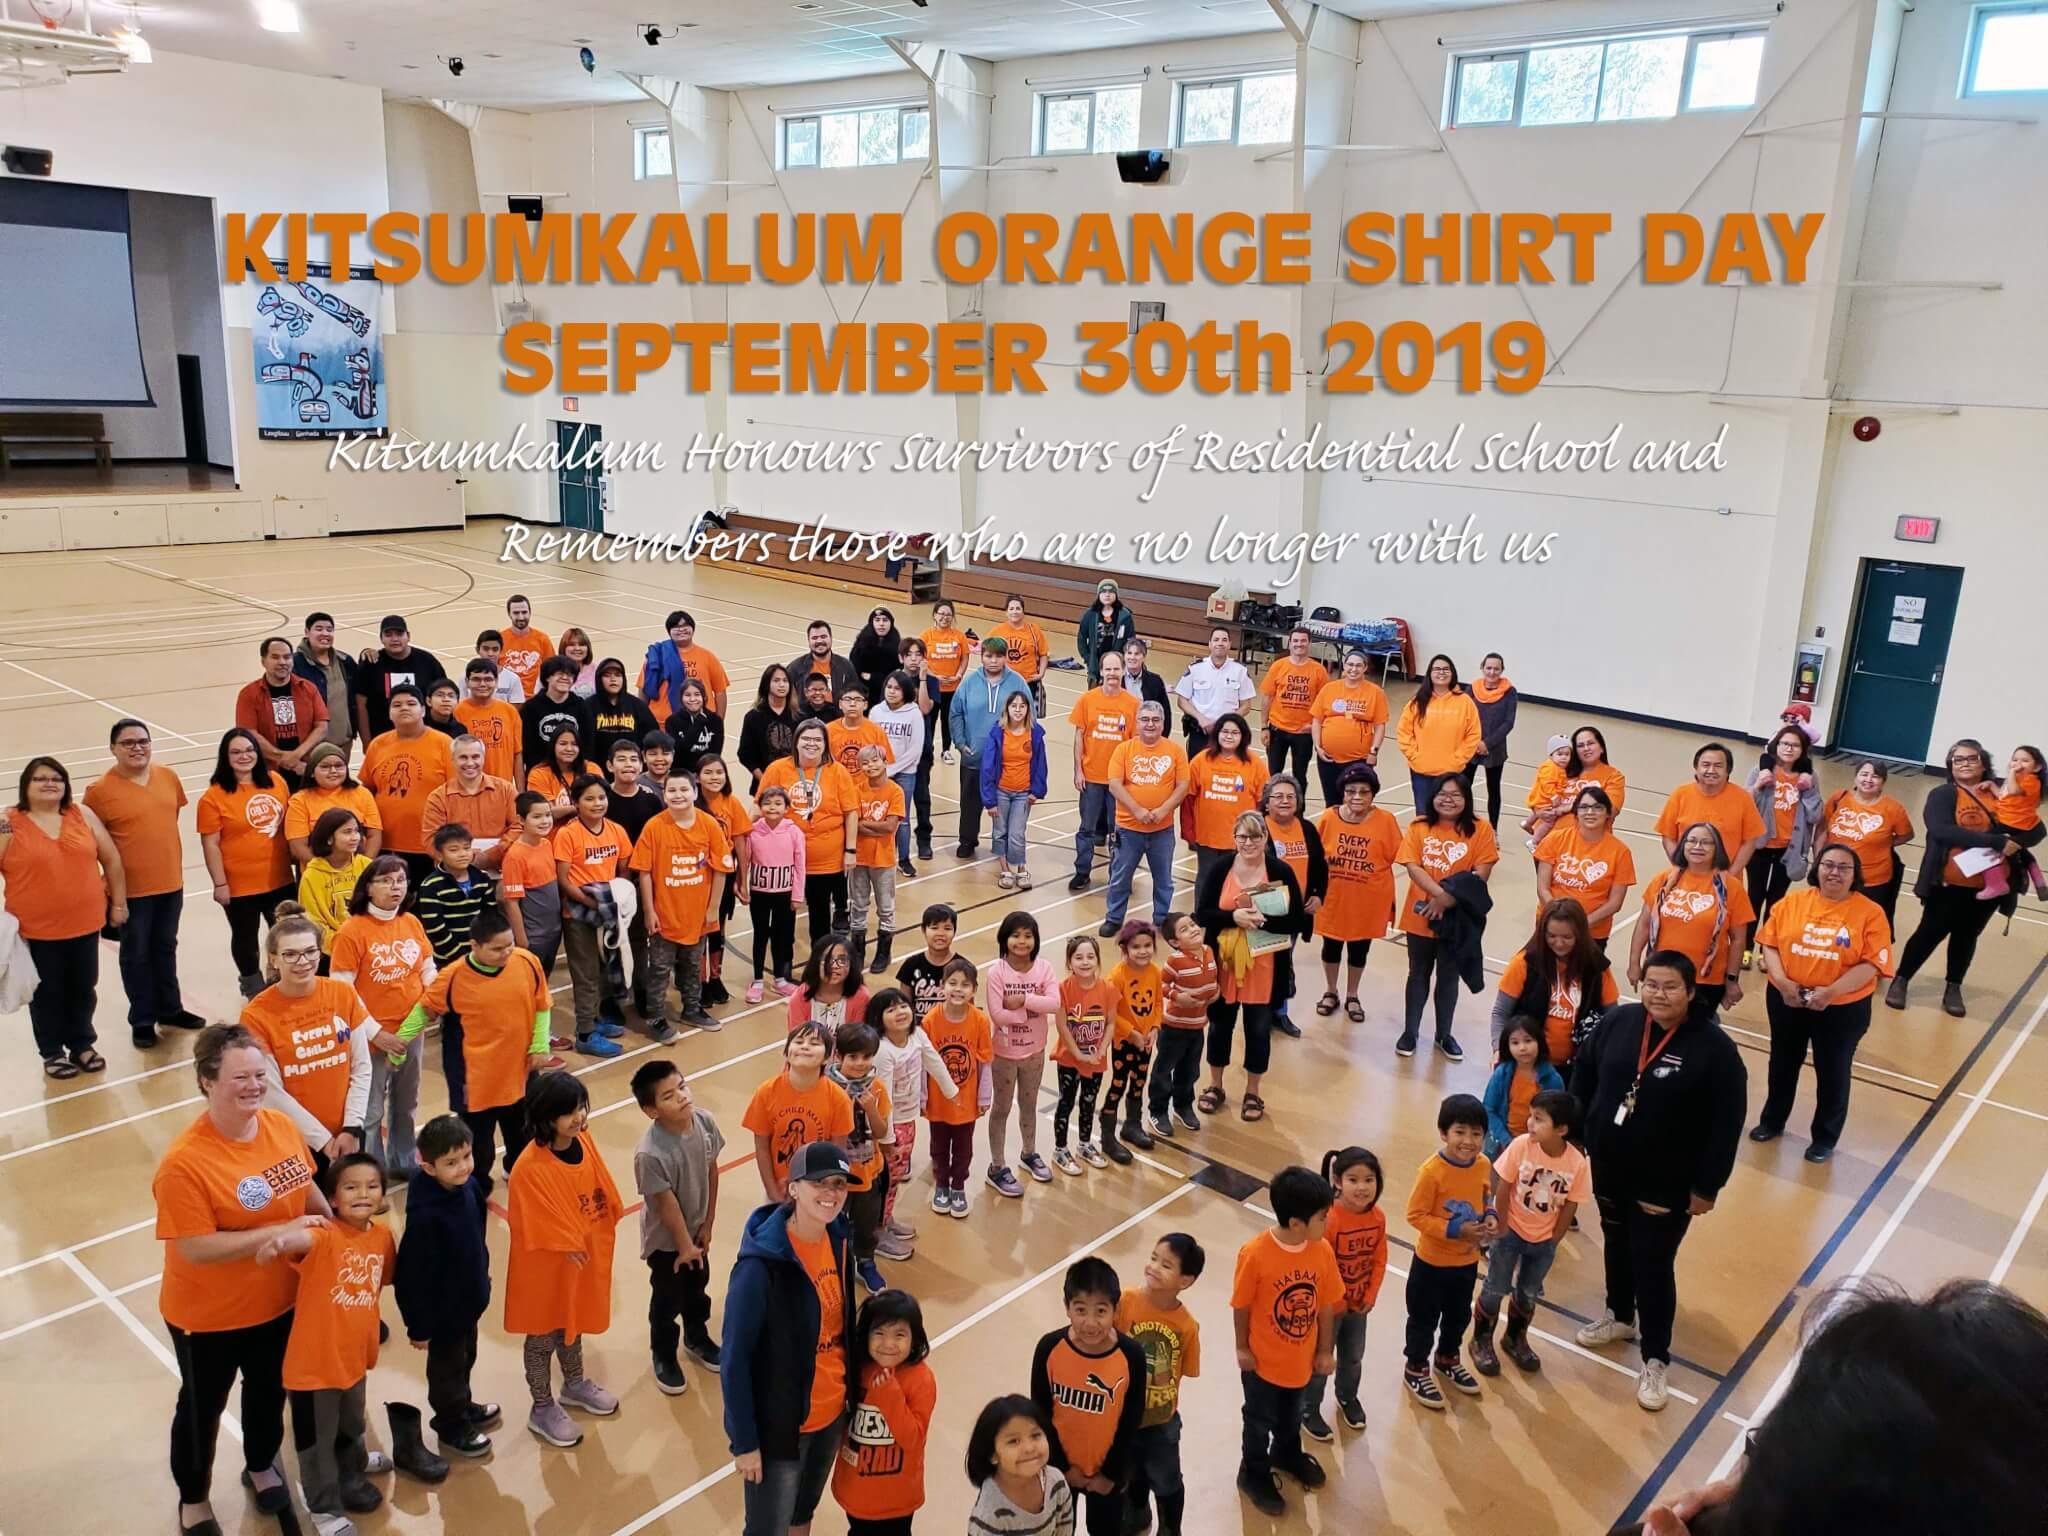 Kitsumkalum Honours Orange Shirt Day September 30th